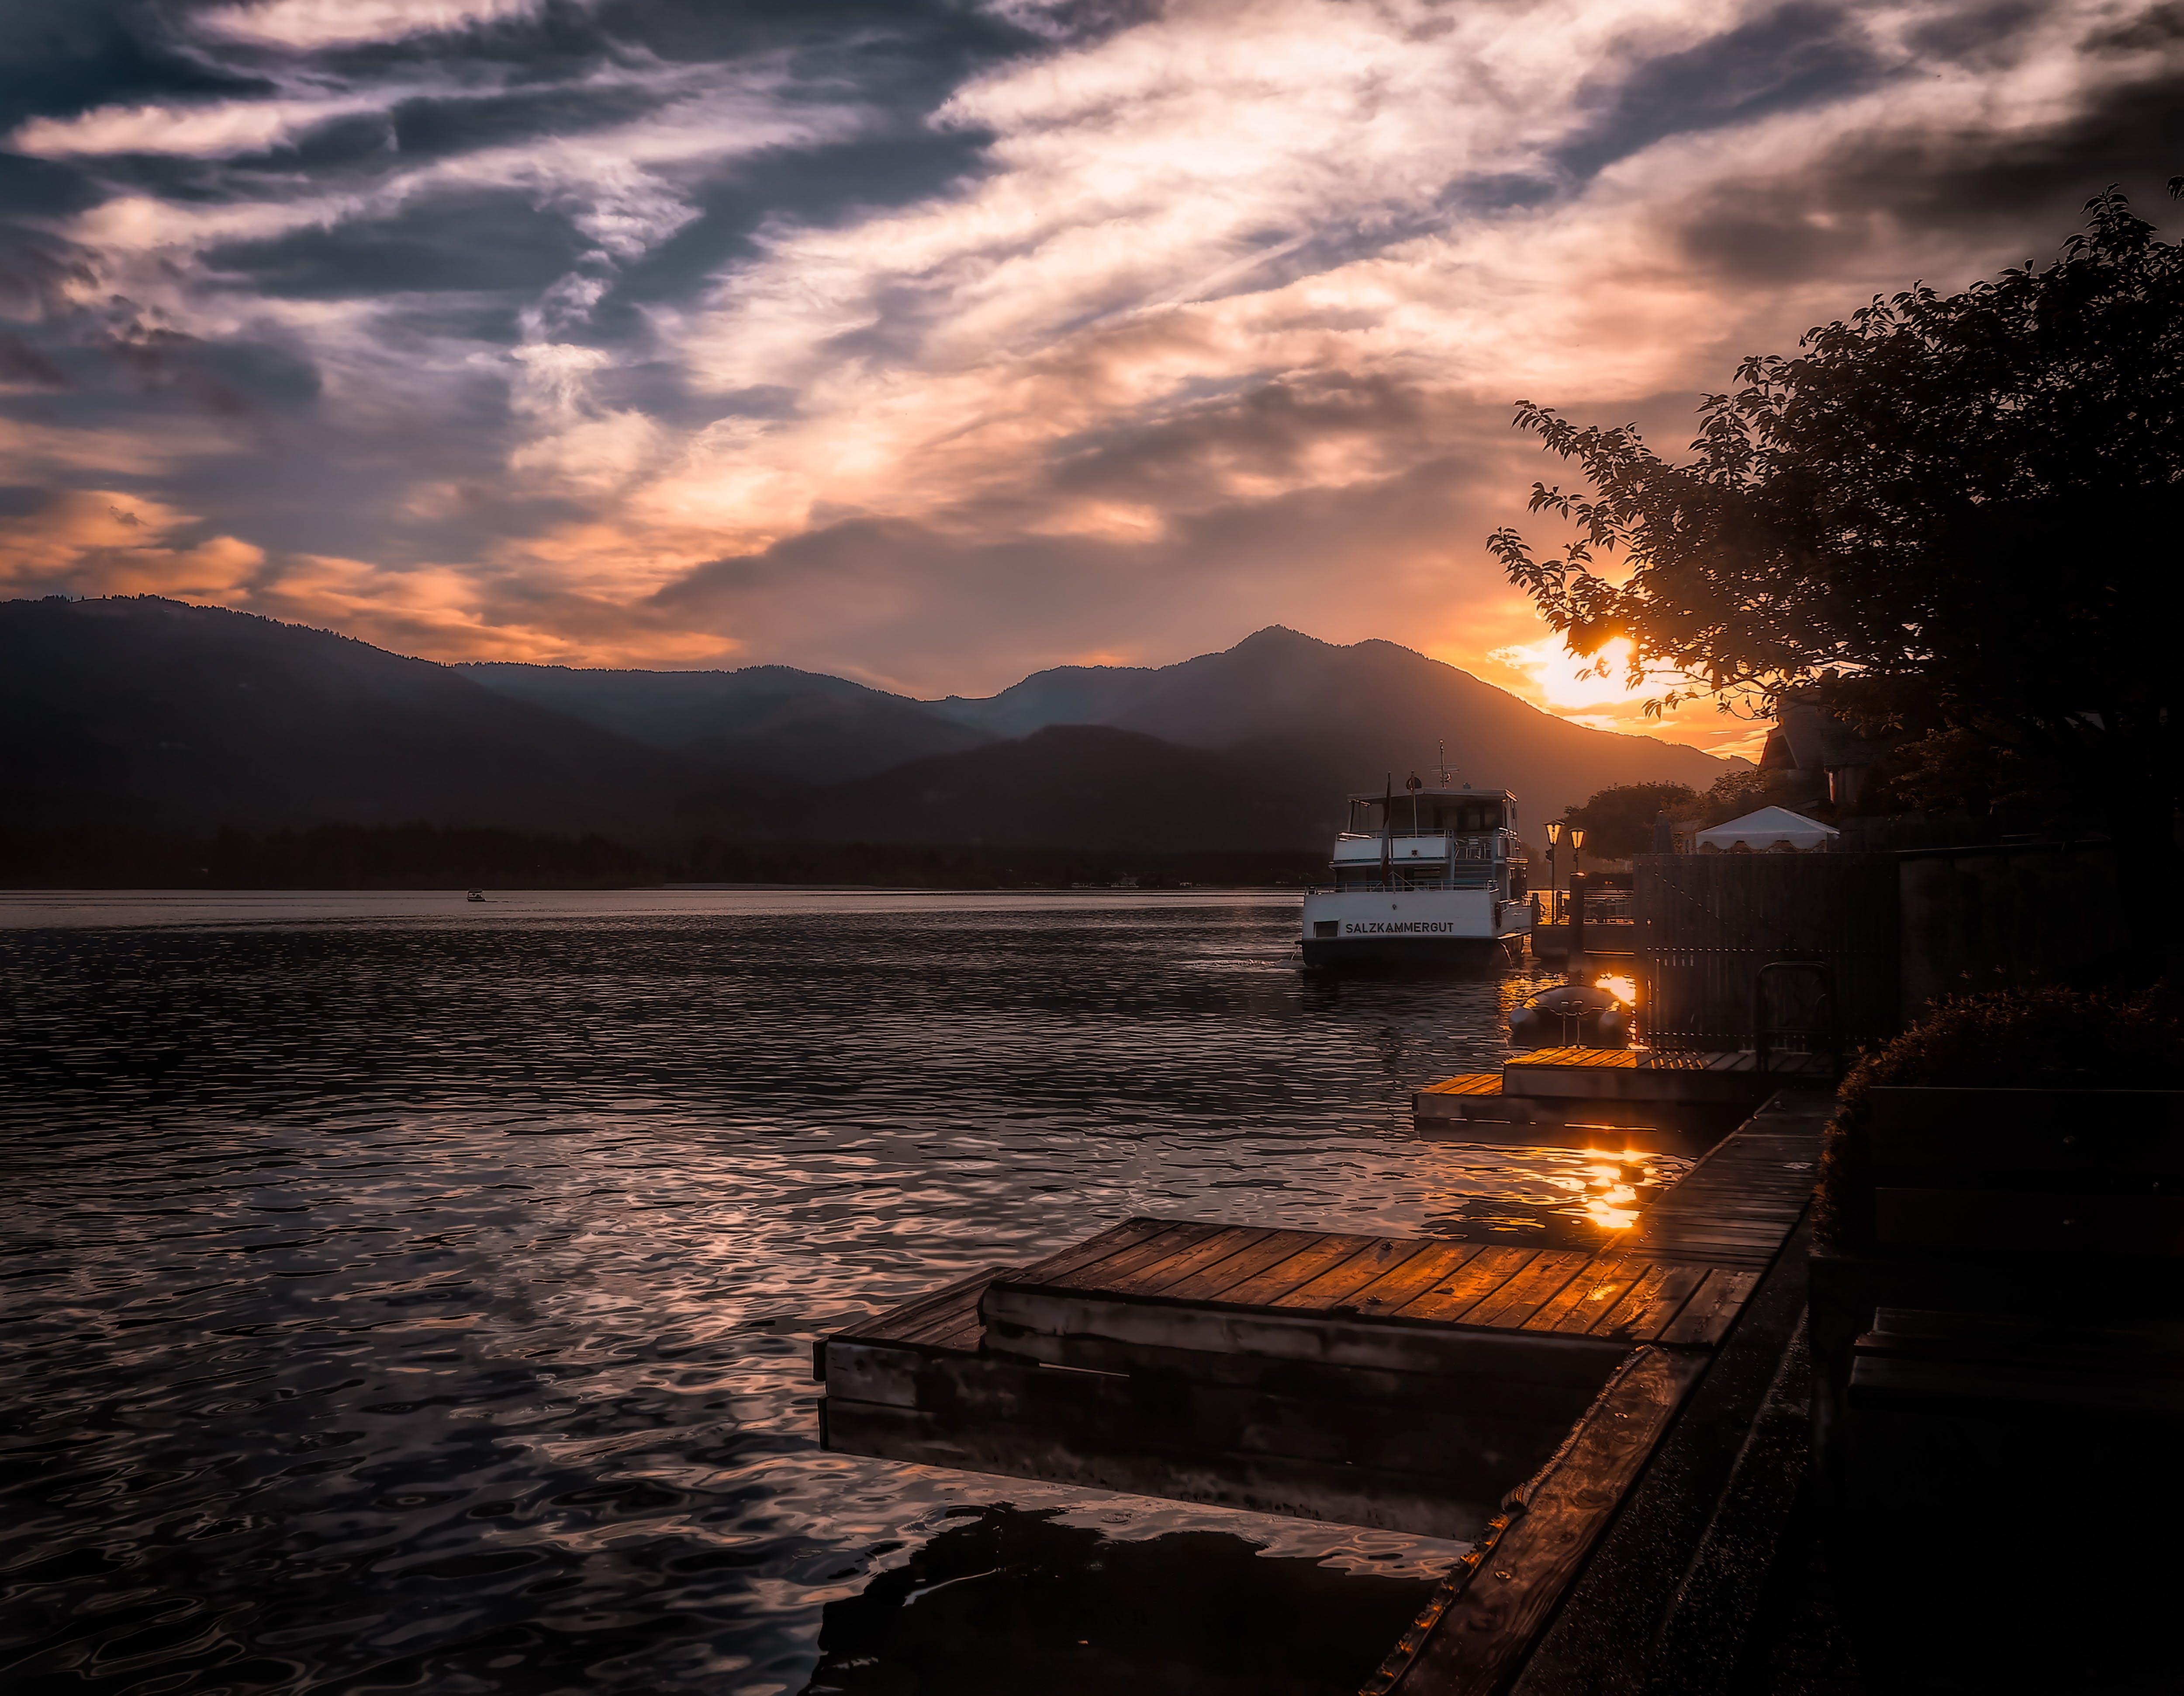 Kostnadsfri bild av båt, bergen, brygga, fartyg